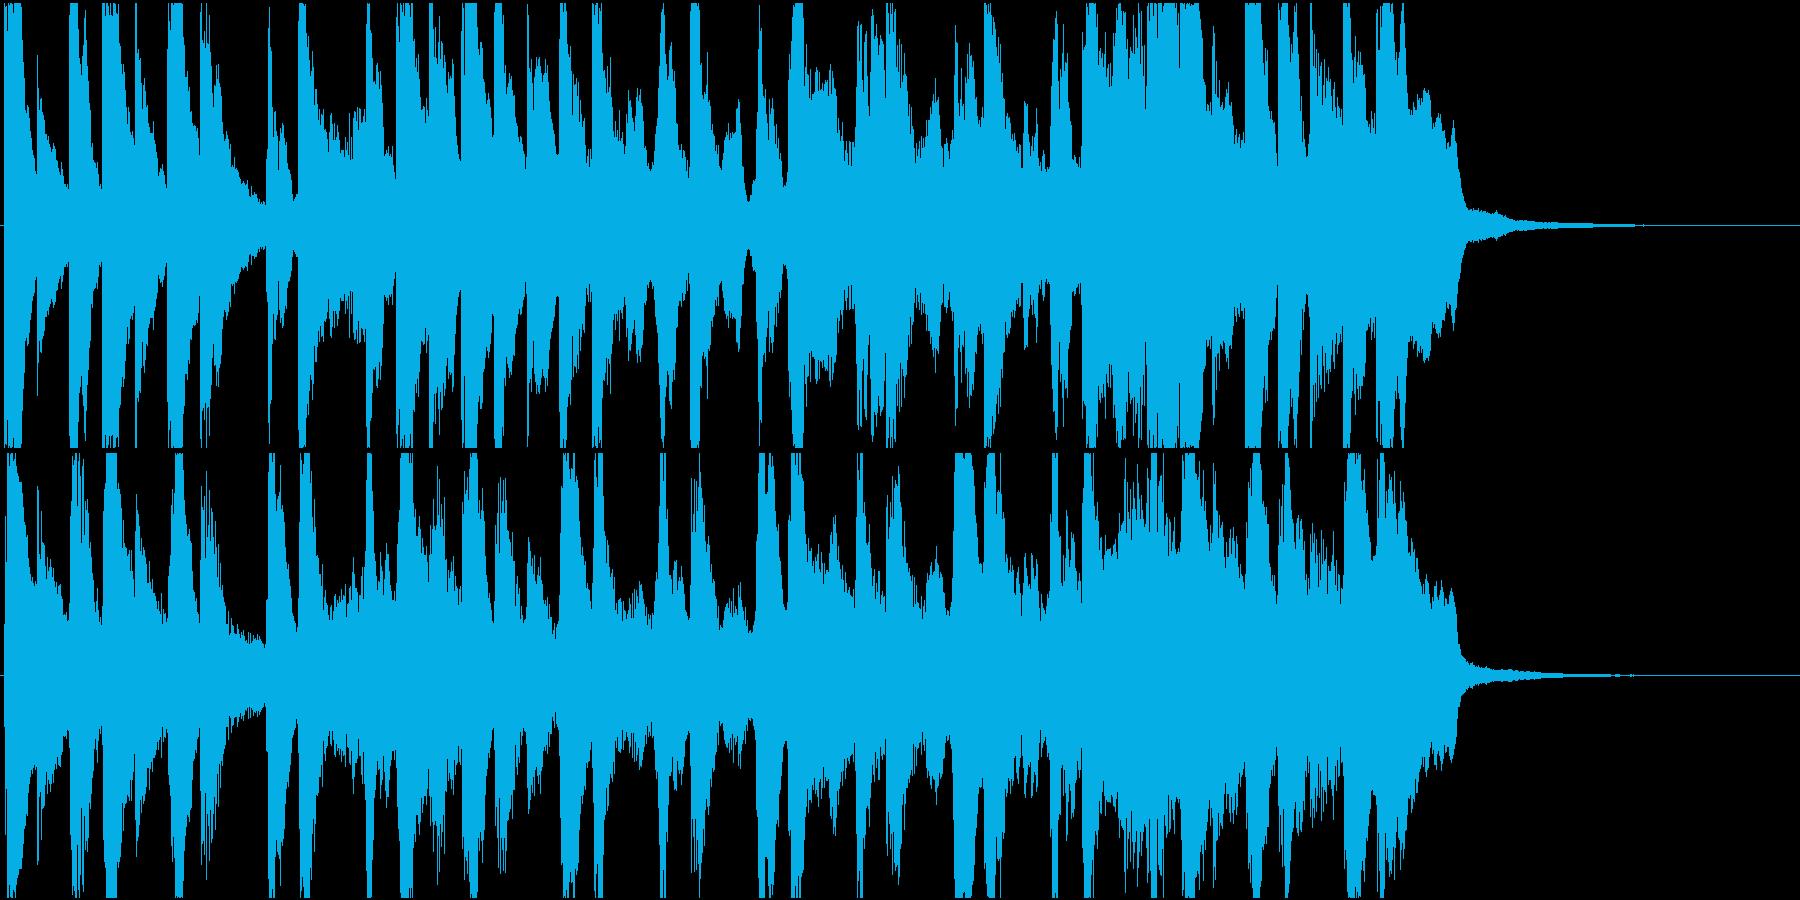 女の子向けおもちゃCM15秒用の再生済みの波形